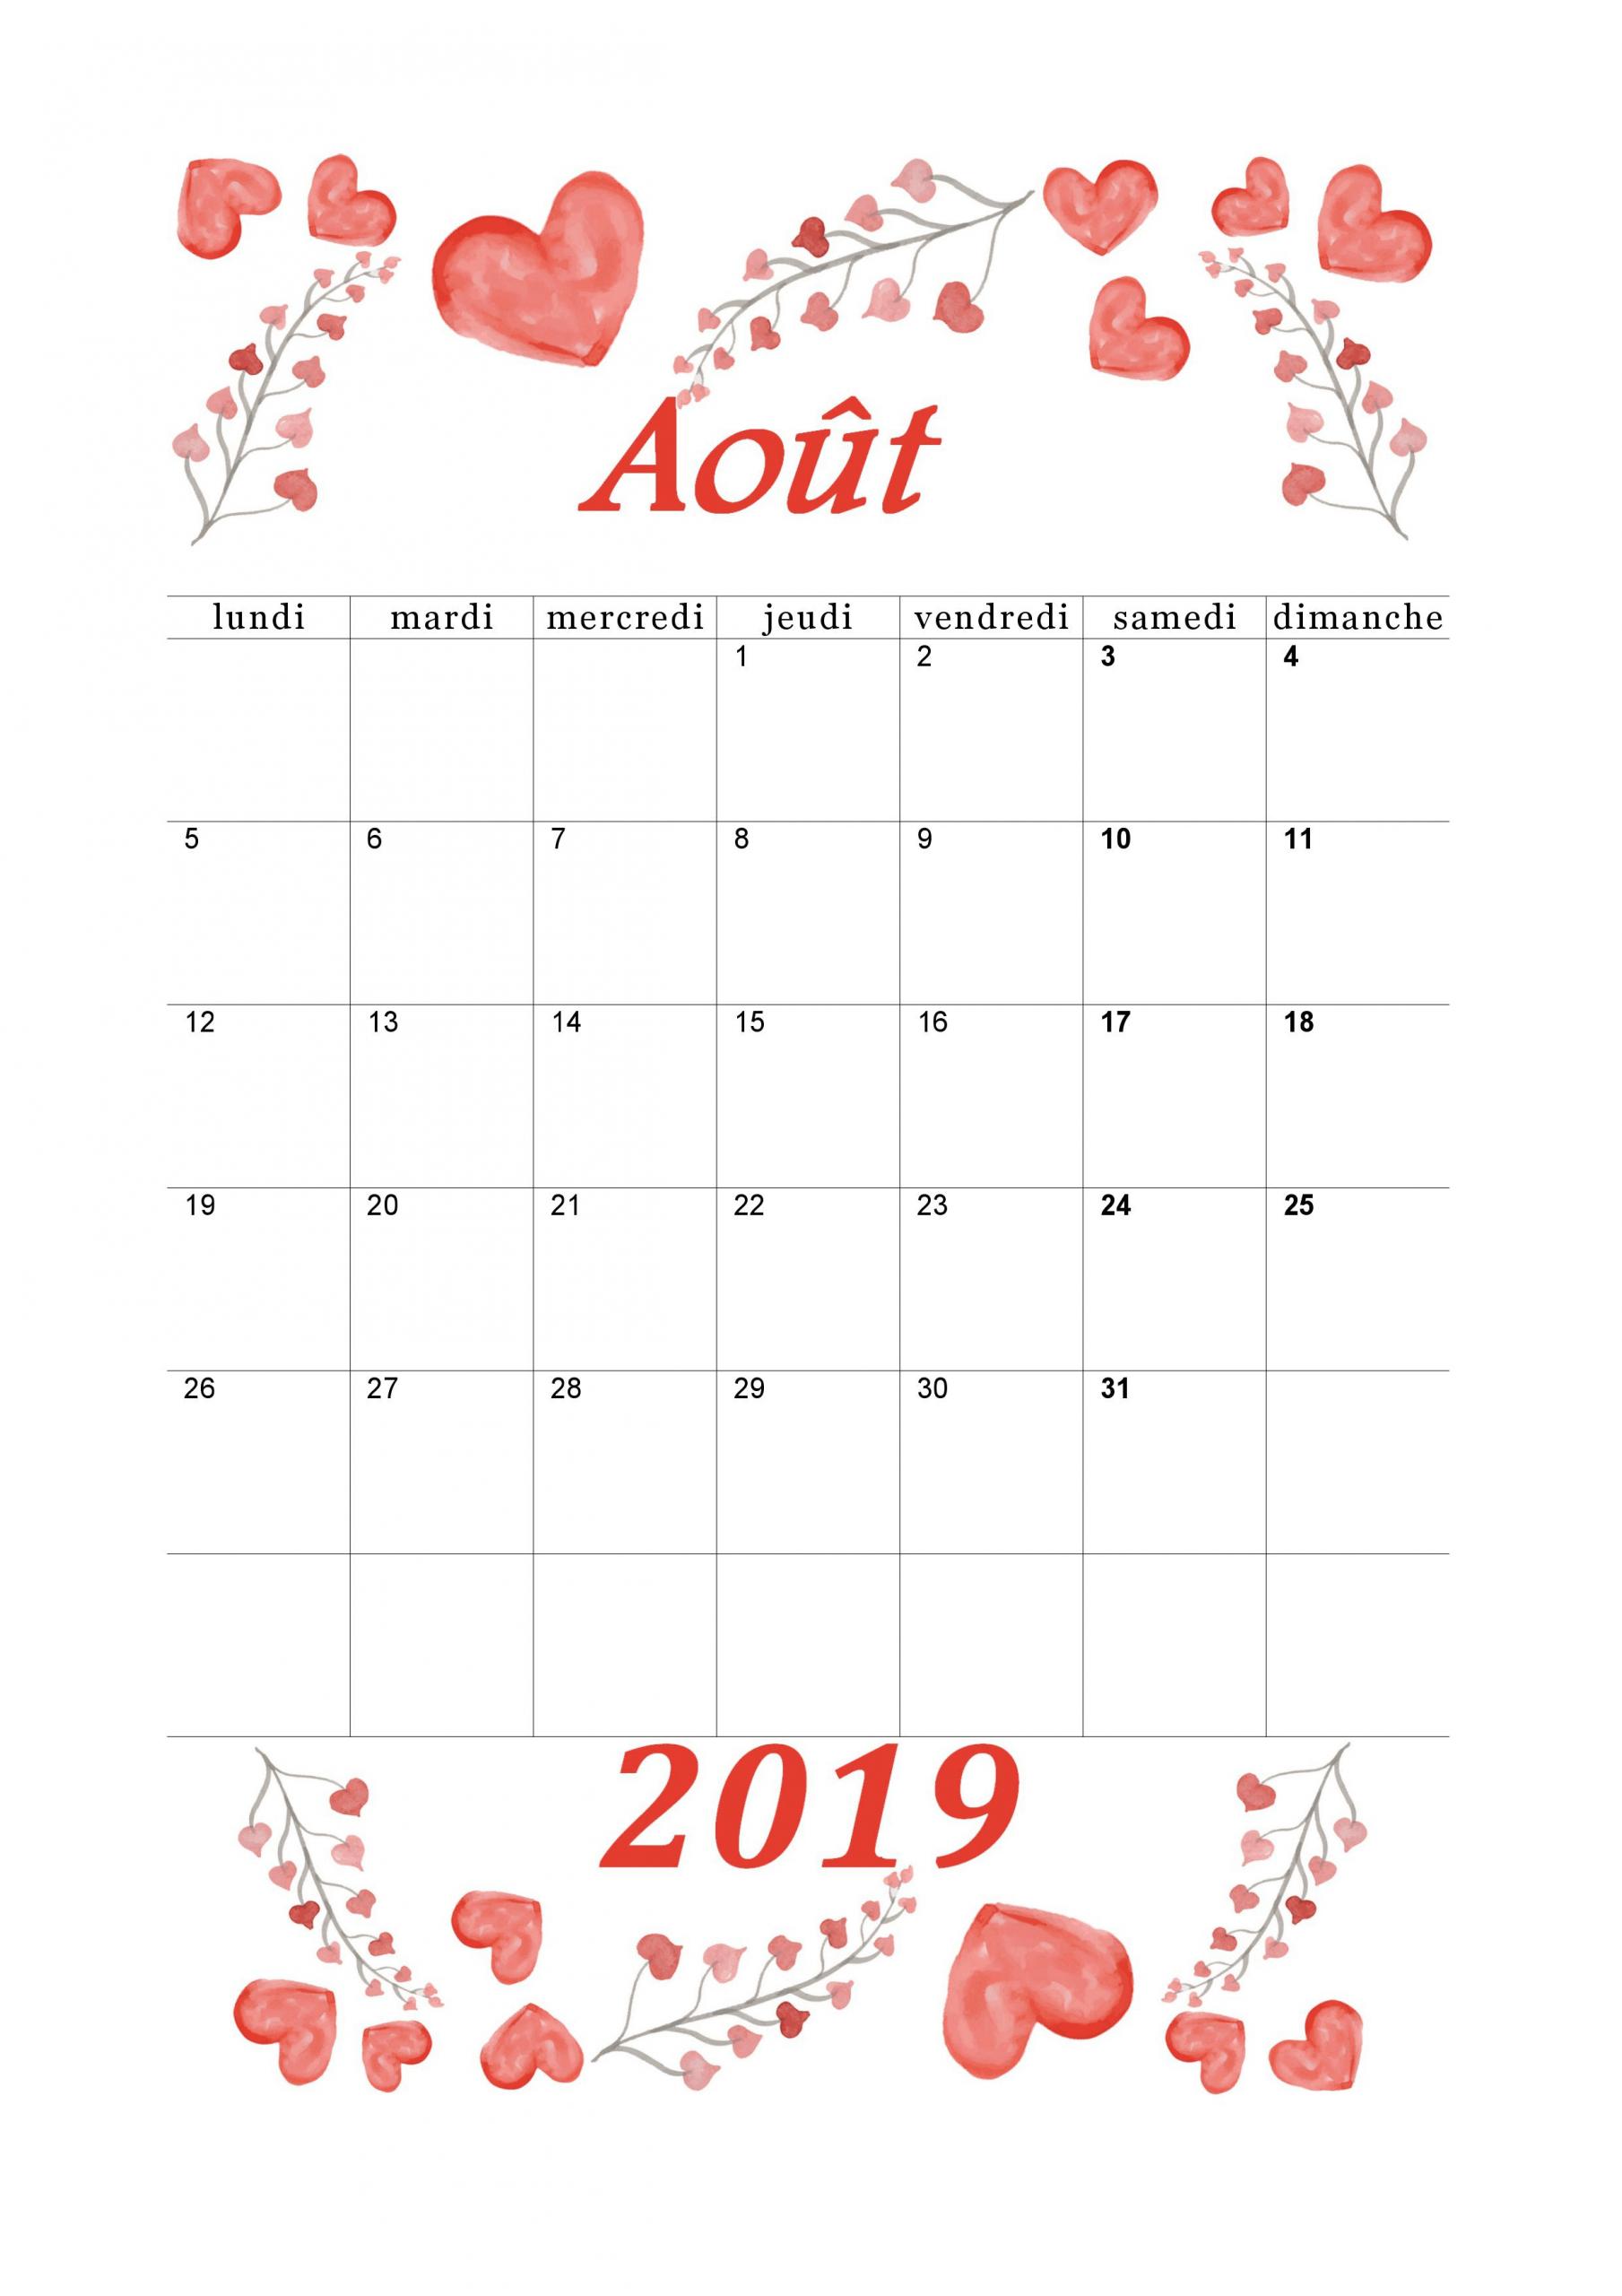 Calendrier 2018-2019 Mensuel À Imprimer. | Calendrier Aout destiné Agenda 2018 À Imprimer Gratuit